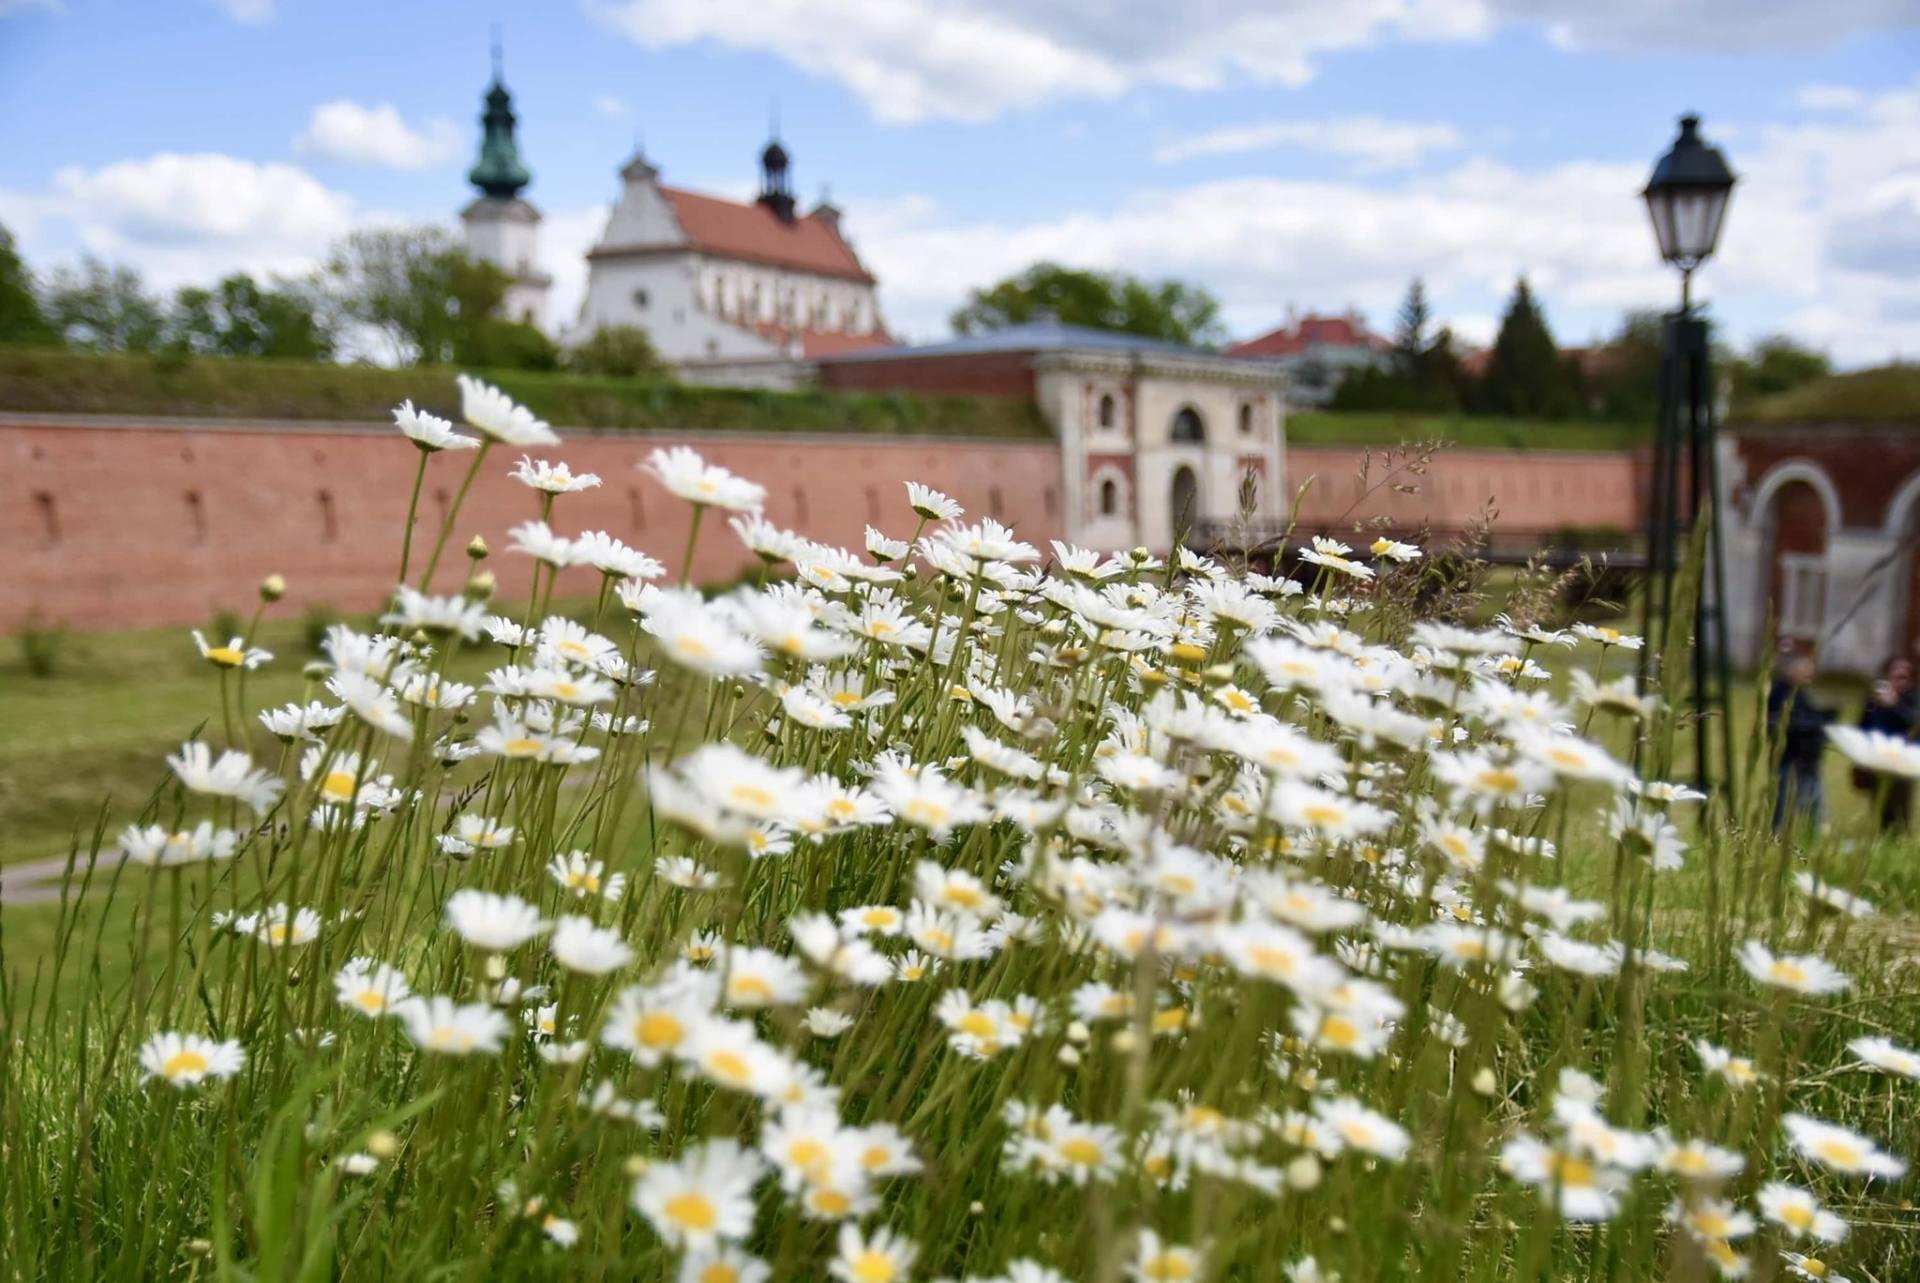 83496853 2687764278160359 4595699982647951360 n Znamy najbardziej zielone miasta w Polsce. Na którym miejscu Zamość?